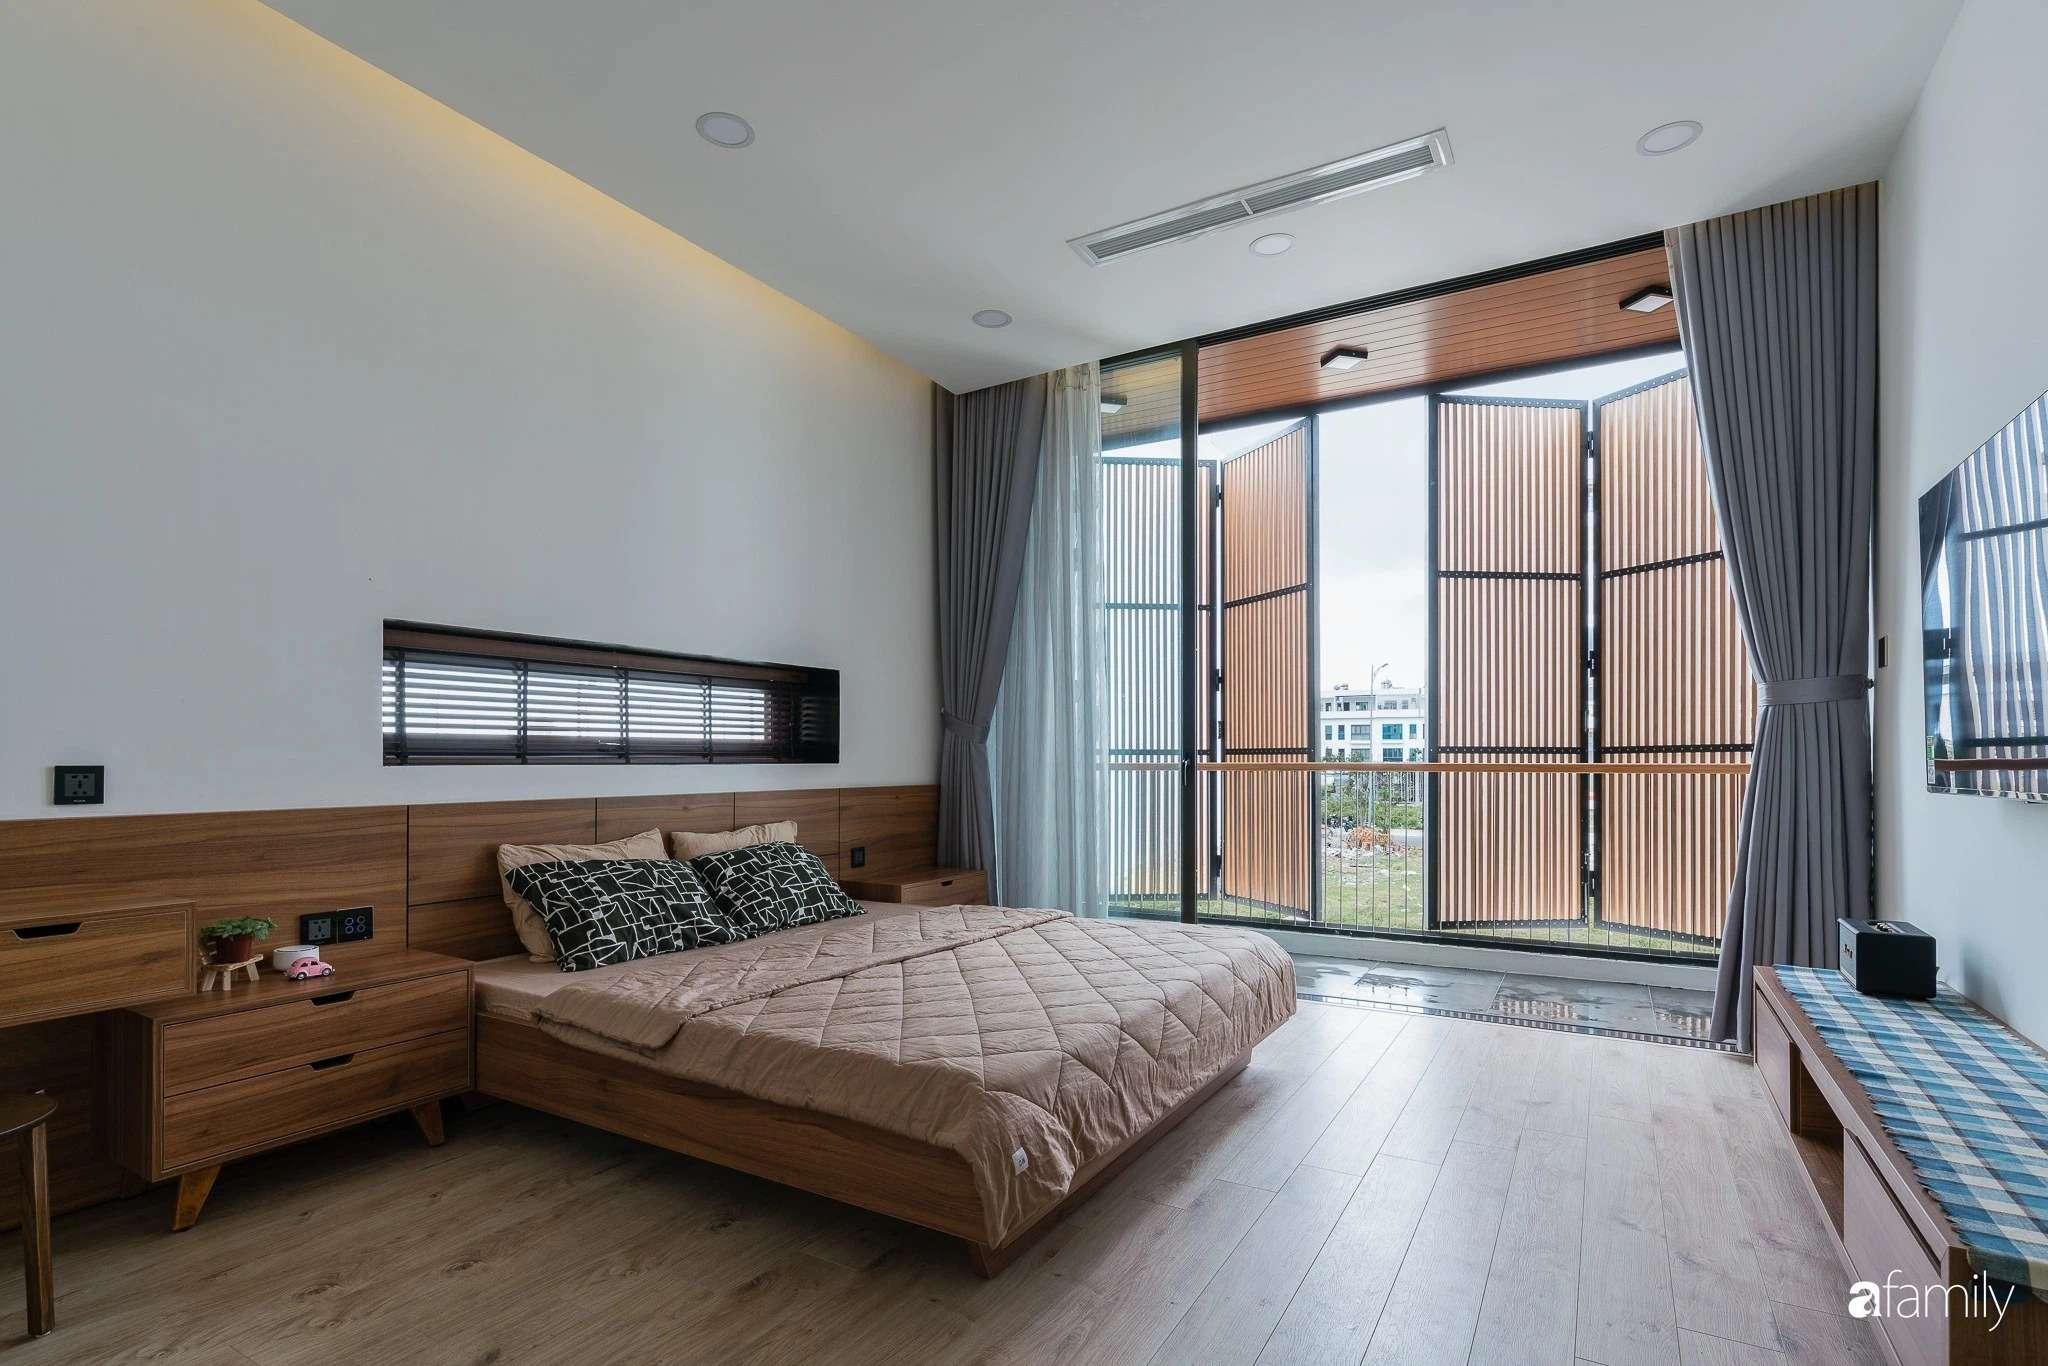 Mỗi căn phòng đều hướng tầm nhìn ra bên ngoài, thoải mái cảm nhận ánh sáng nhờ bước chuyển thời gian từ lam gỗ-3